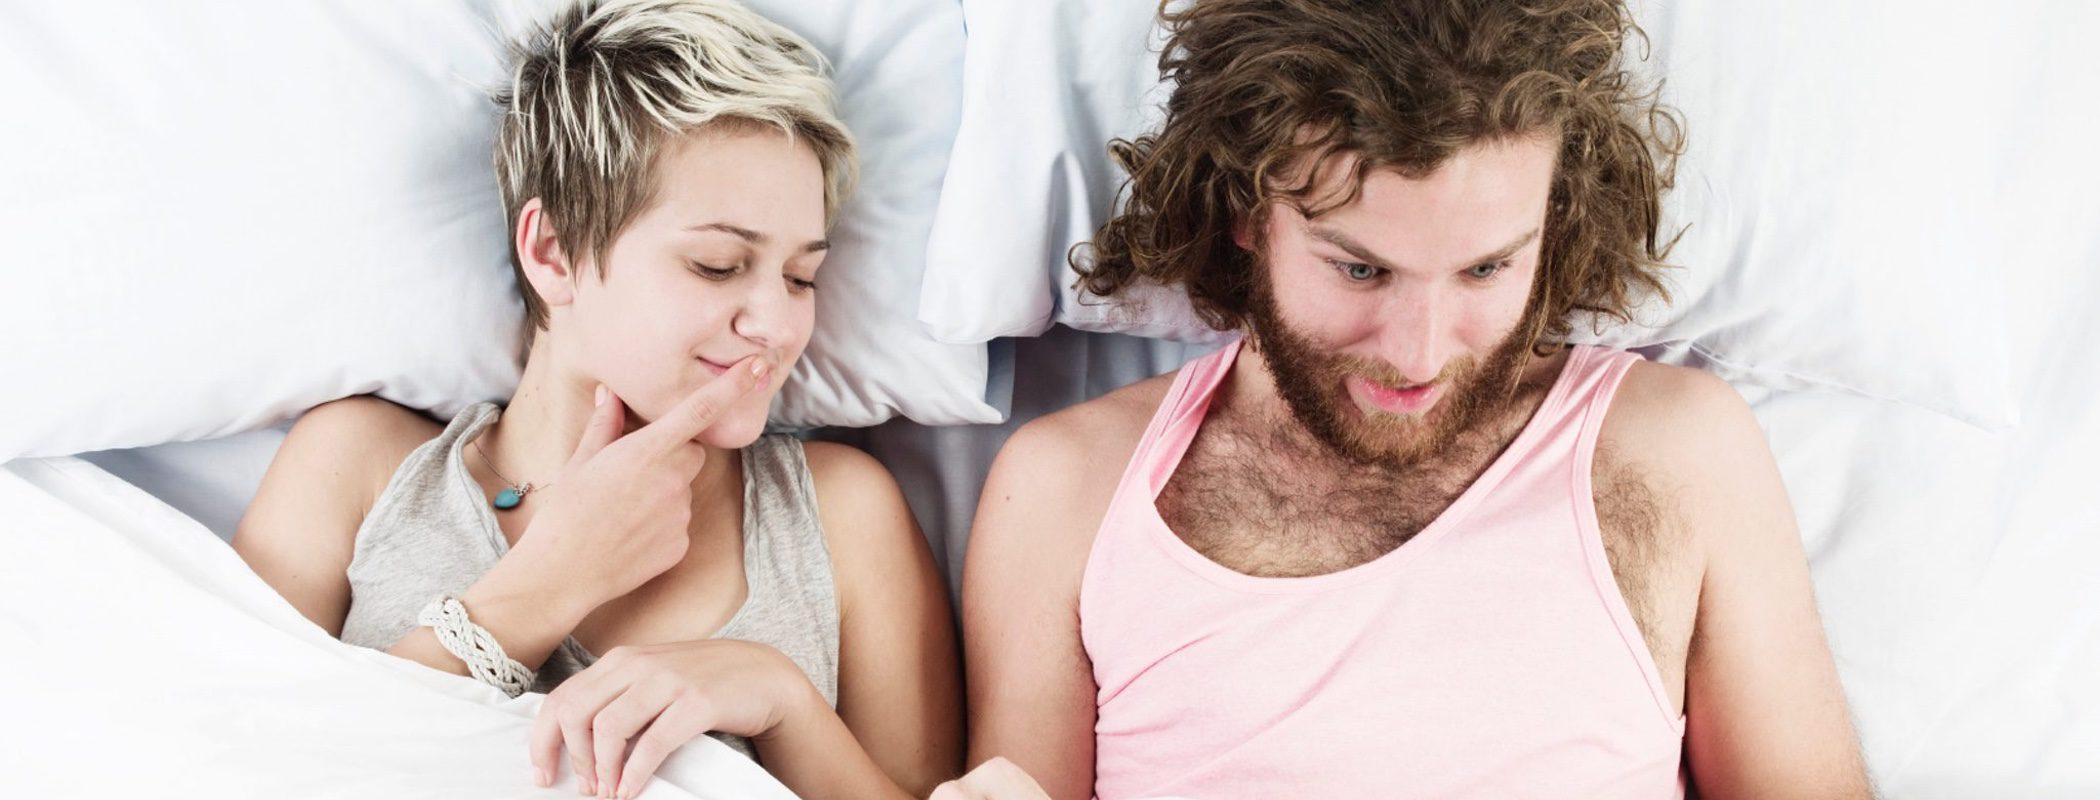 Soy joven y se me baja la erección: ¿Es por falta de deseo sexual?